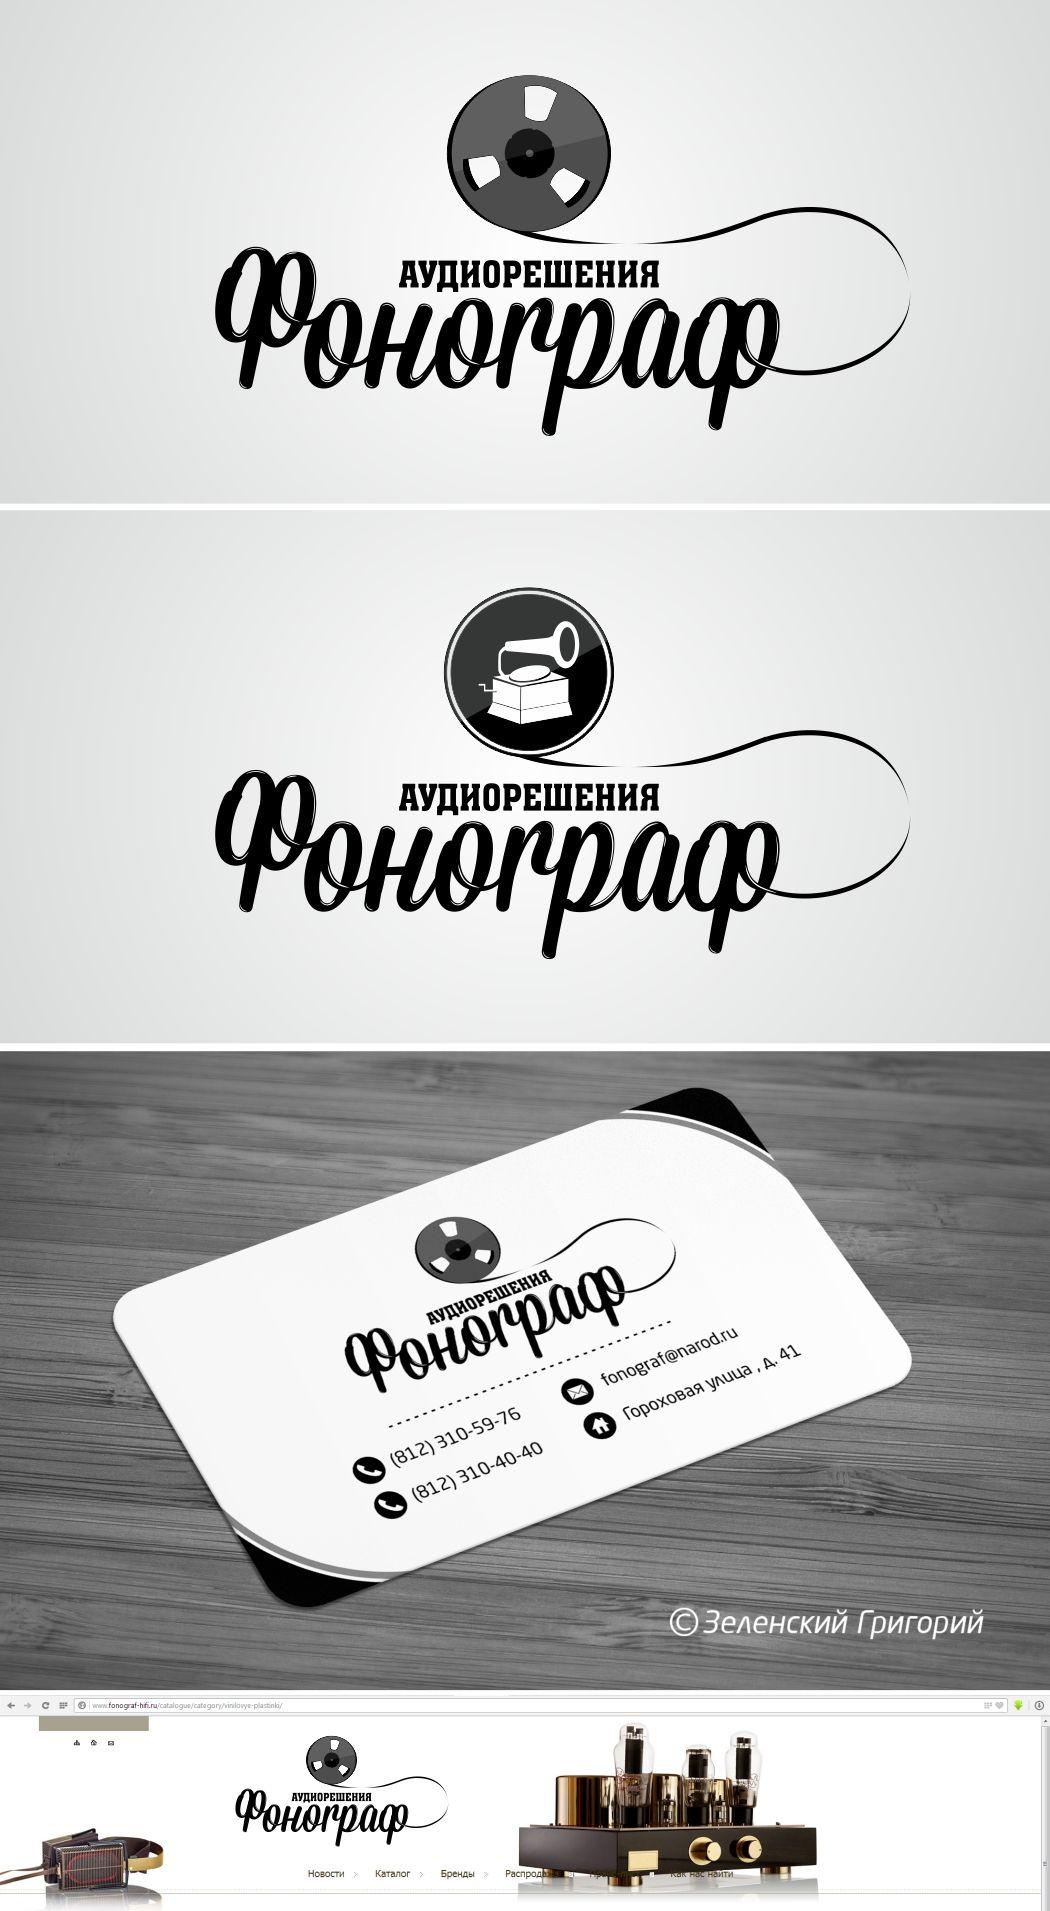 Лого и ФС для магазина аудиотехники - дизайнер splinter7